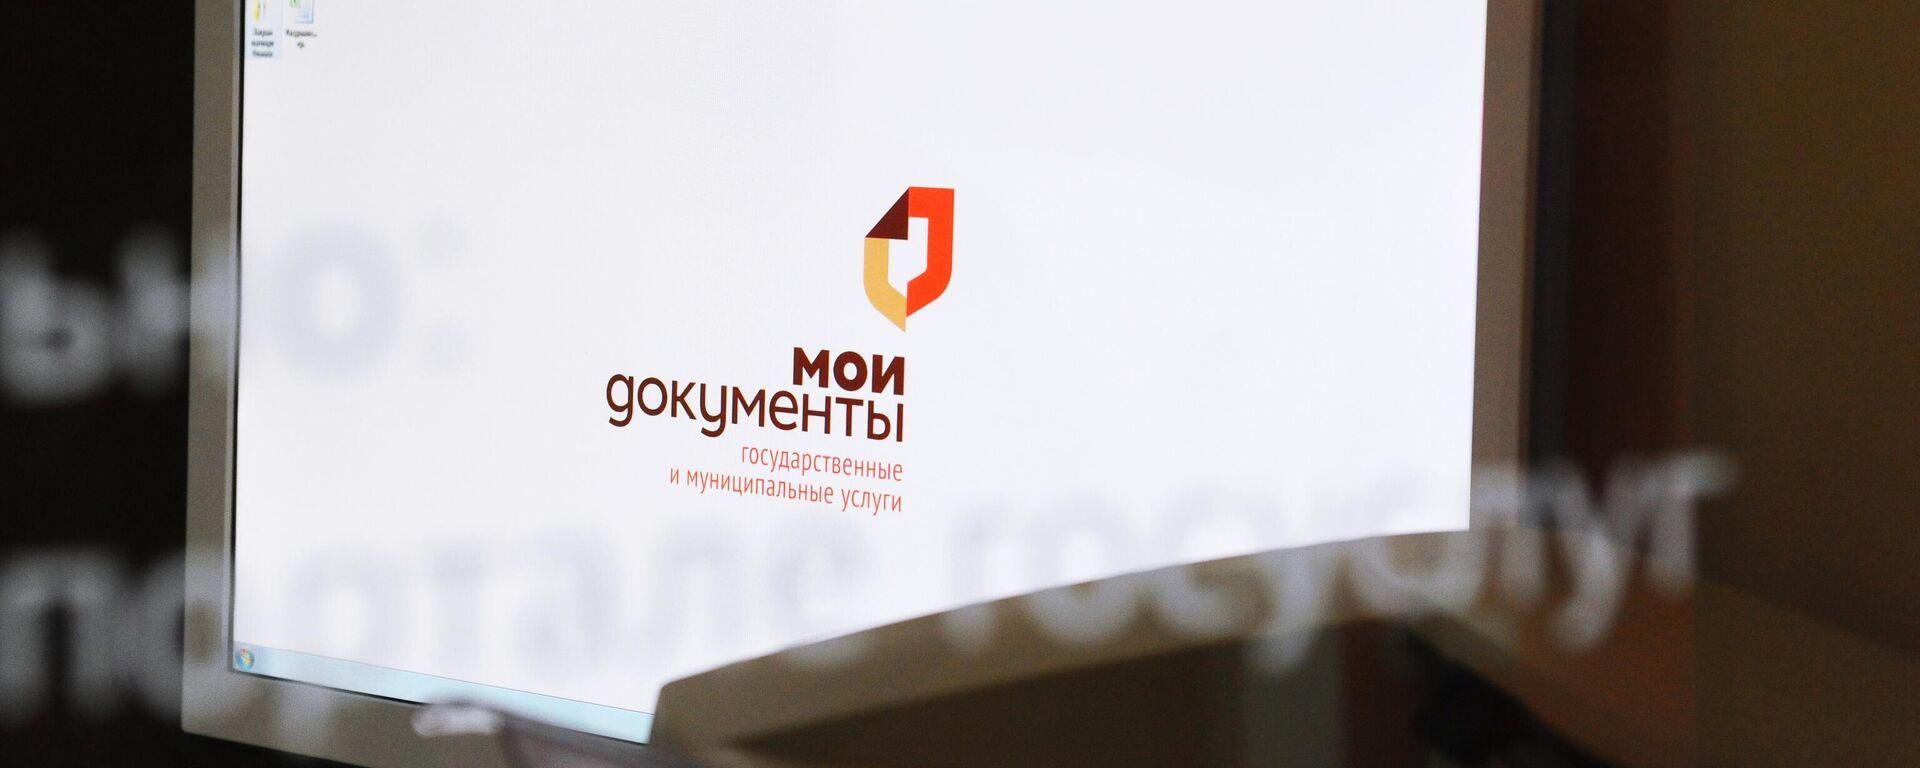 Компьютер в зоне доступа к единому порталу государственных услуг - Sputnik Ўзбекистон, 1920, 29.03.2021